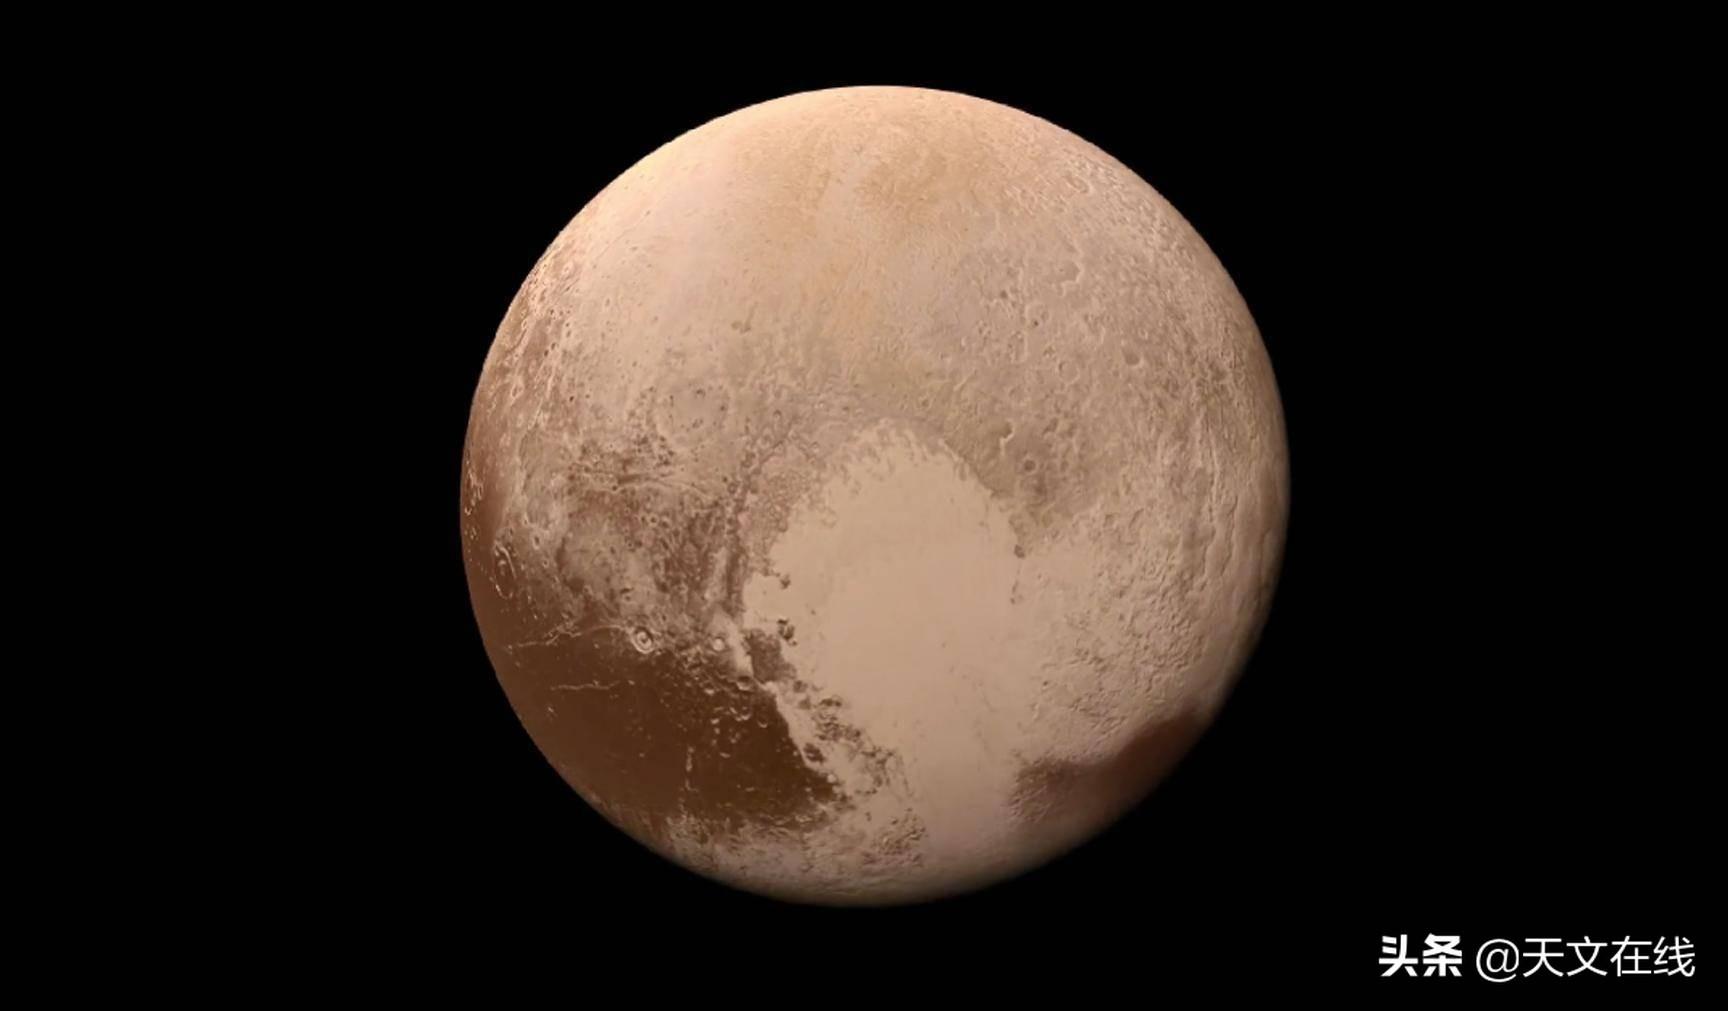 冥王星为何被太阳系九大行星除名?是变了心还是矮行星才是真爱?